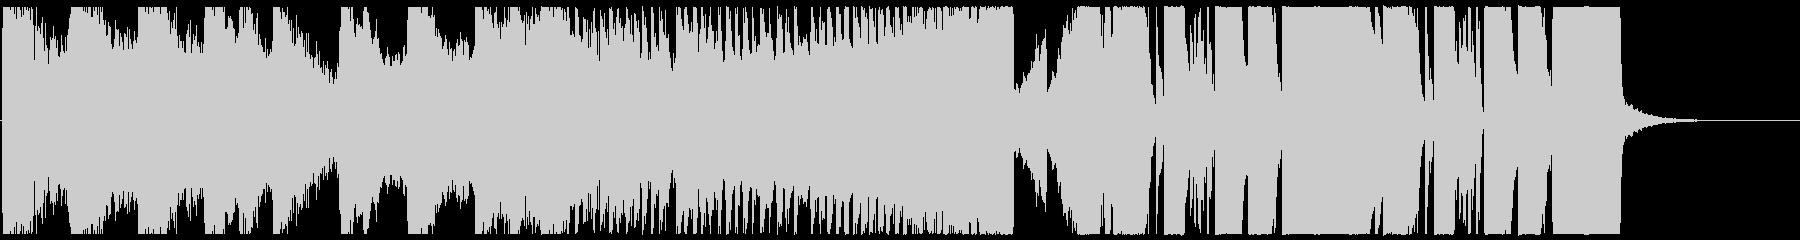 瞬発的な変則ビートの未再生の波形